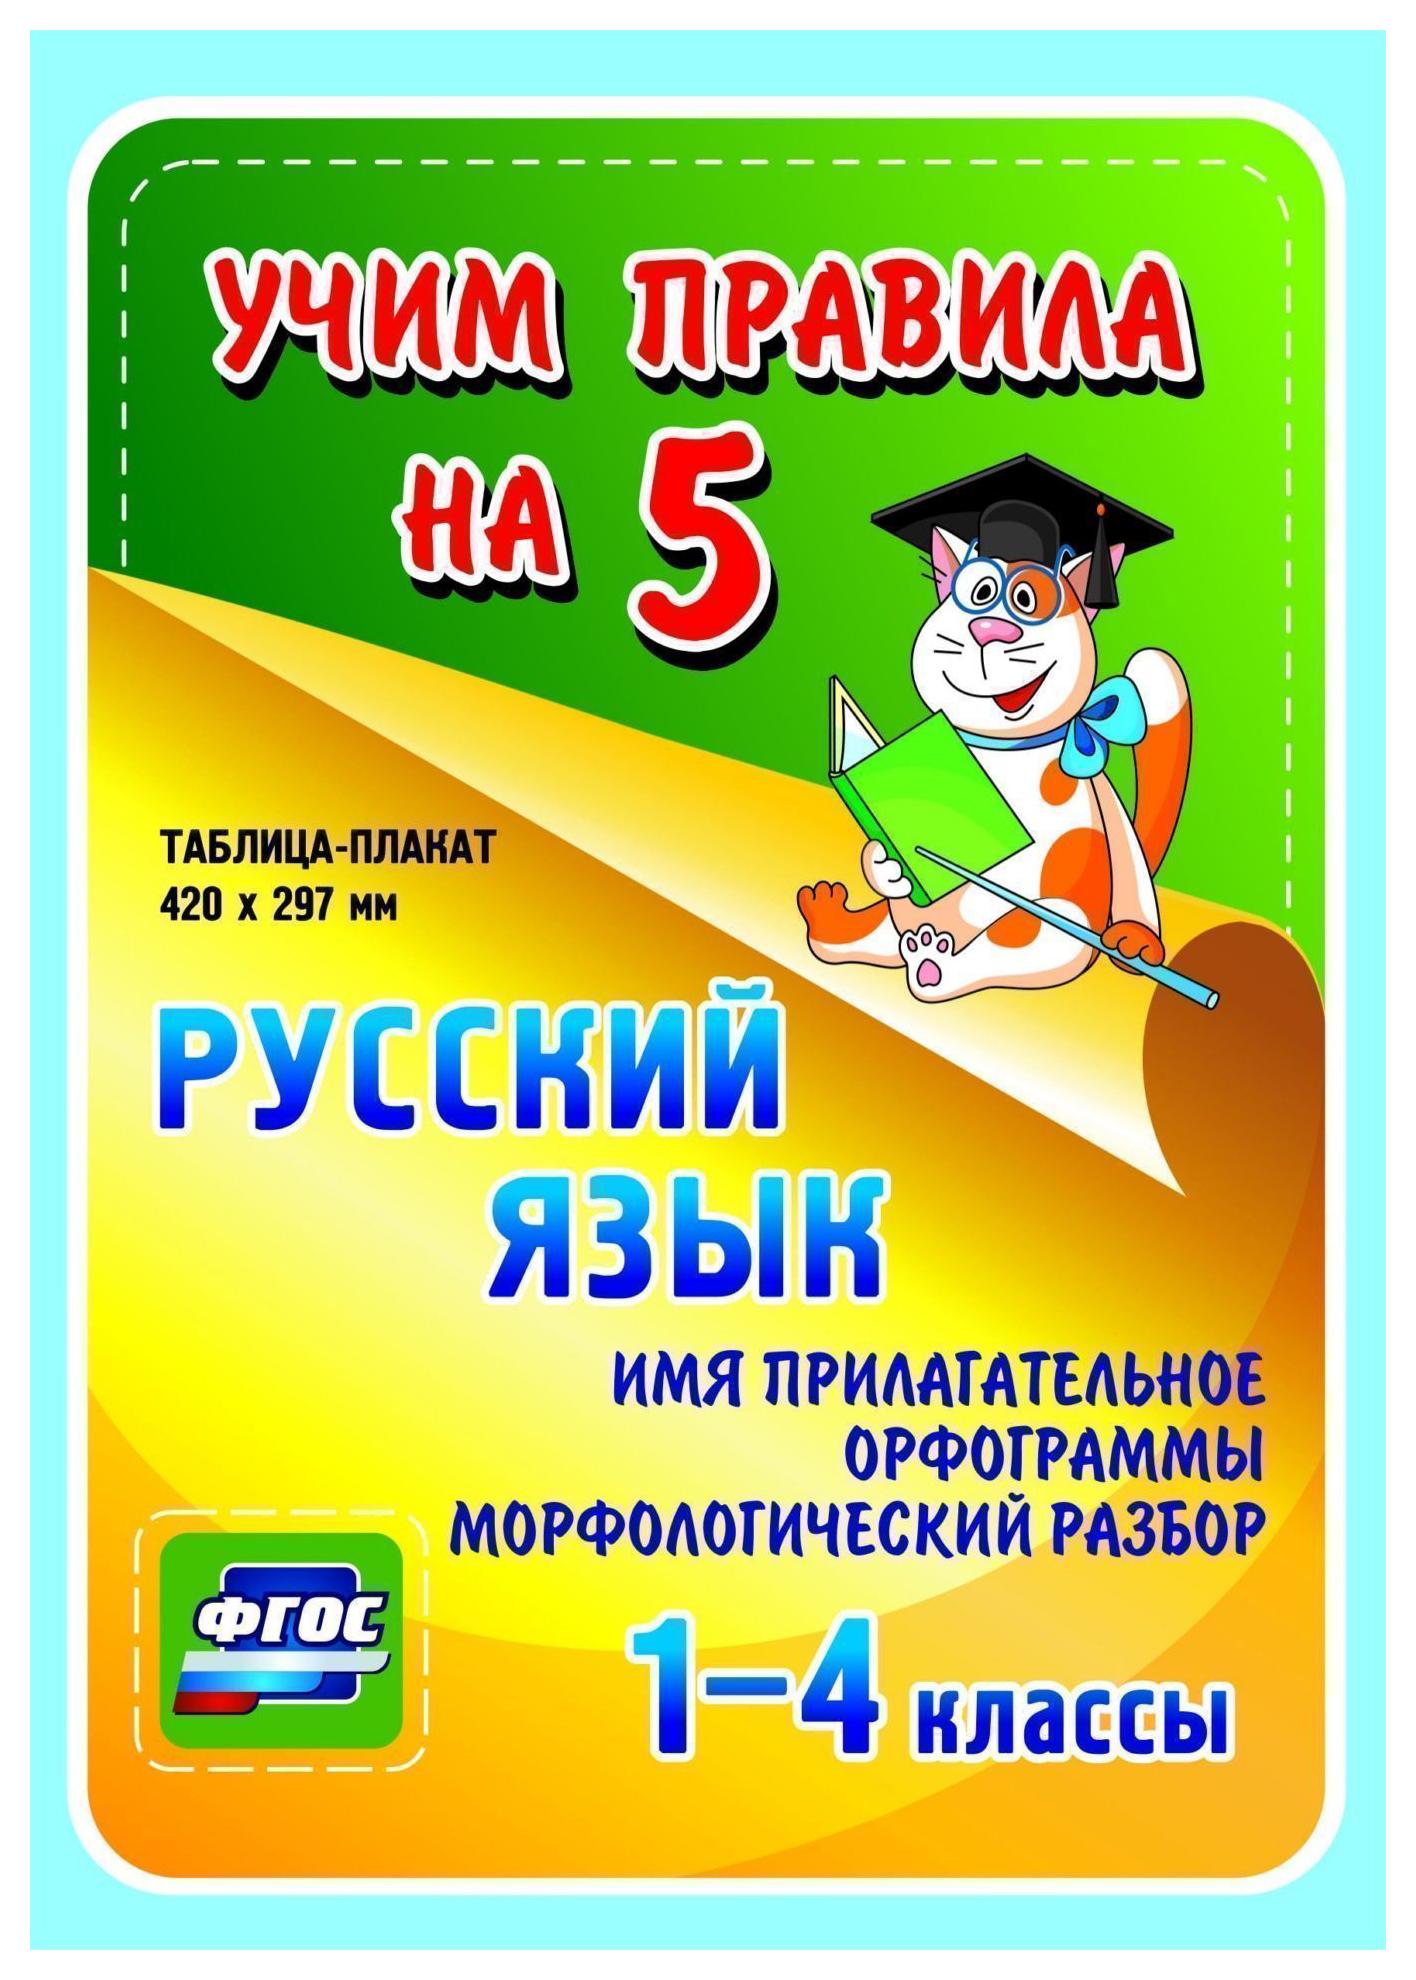 Русский язык. Глагол. Орфограммы. Морфологический разбор. 1-4 кл.: Таблица-плакат 420х297